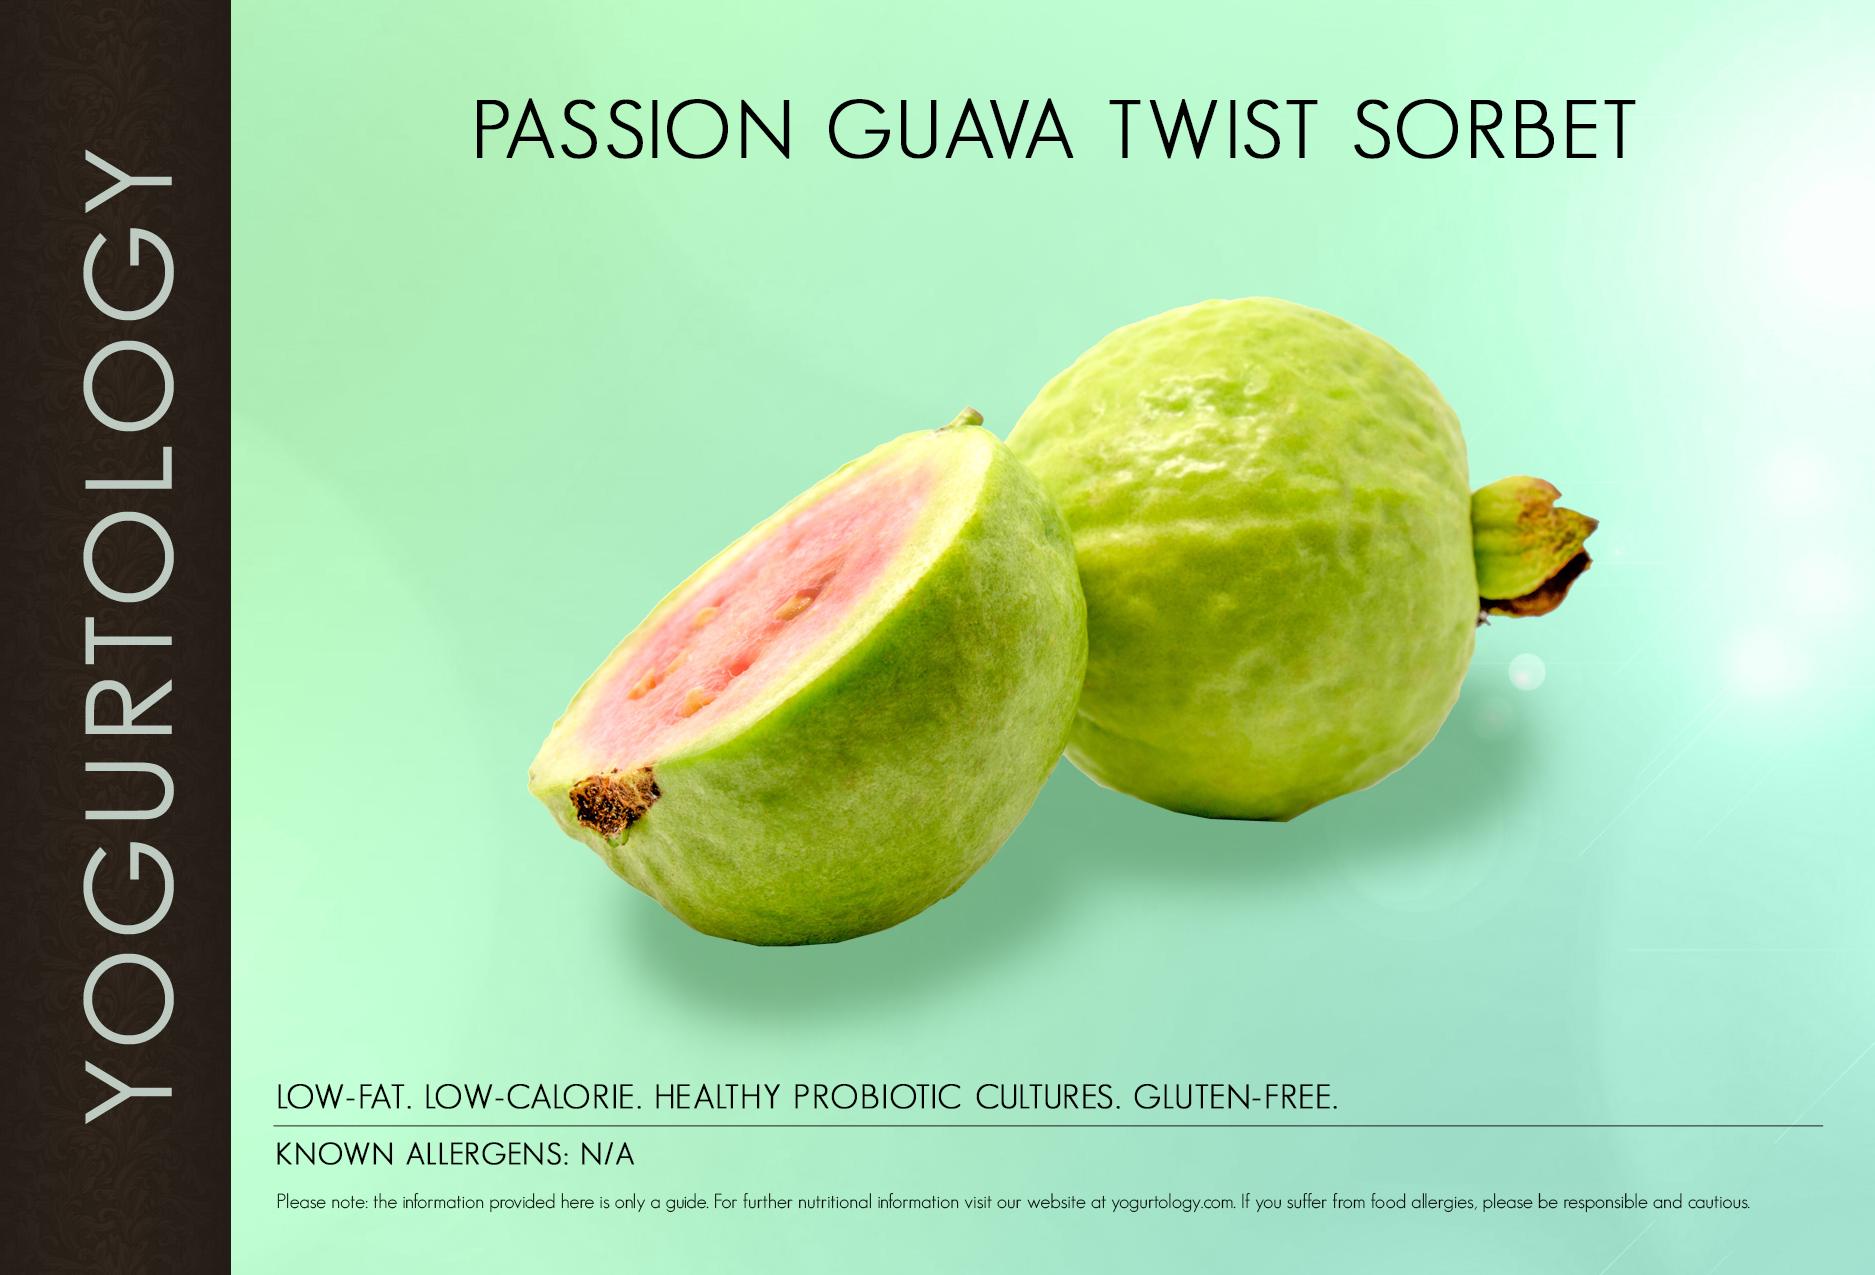 Passion Guava Twist